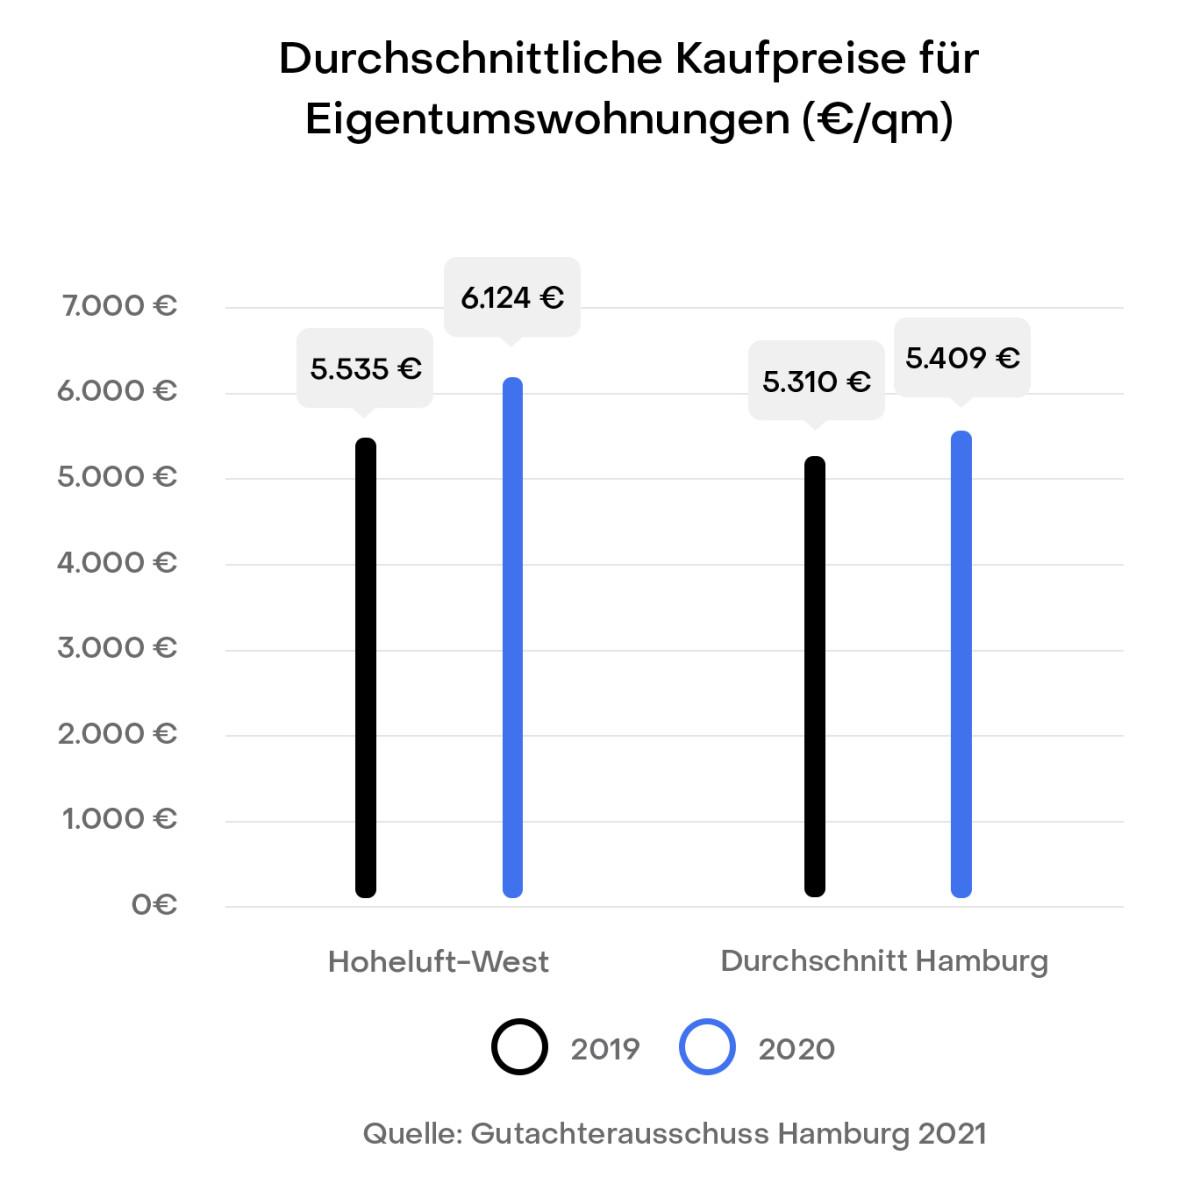 Hamburg Hoheluft-West Preisentwicklung Immobilien Kaufpreise Gutachterausschuss